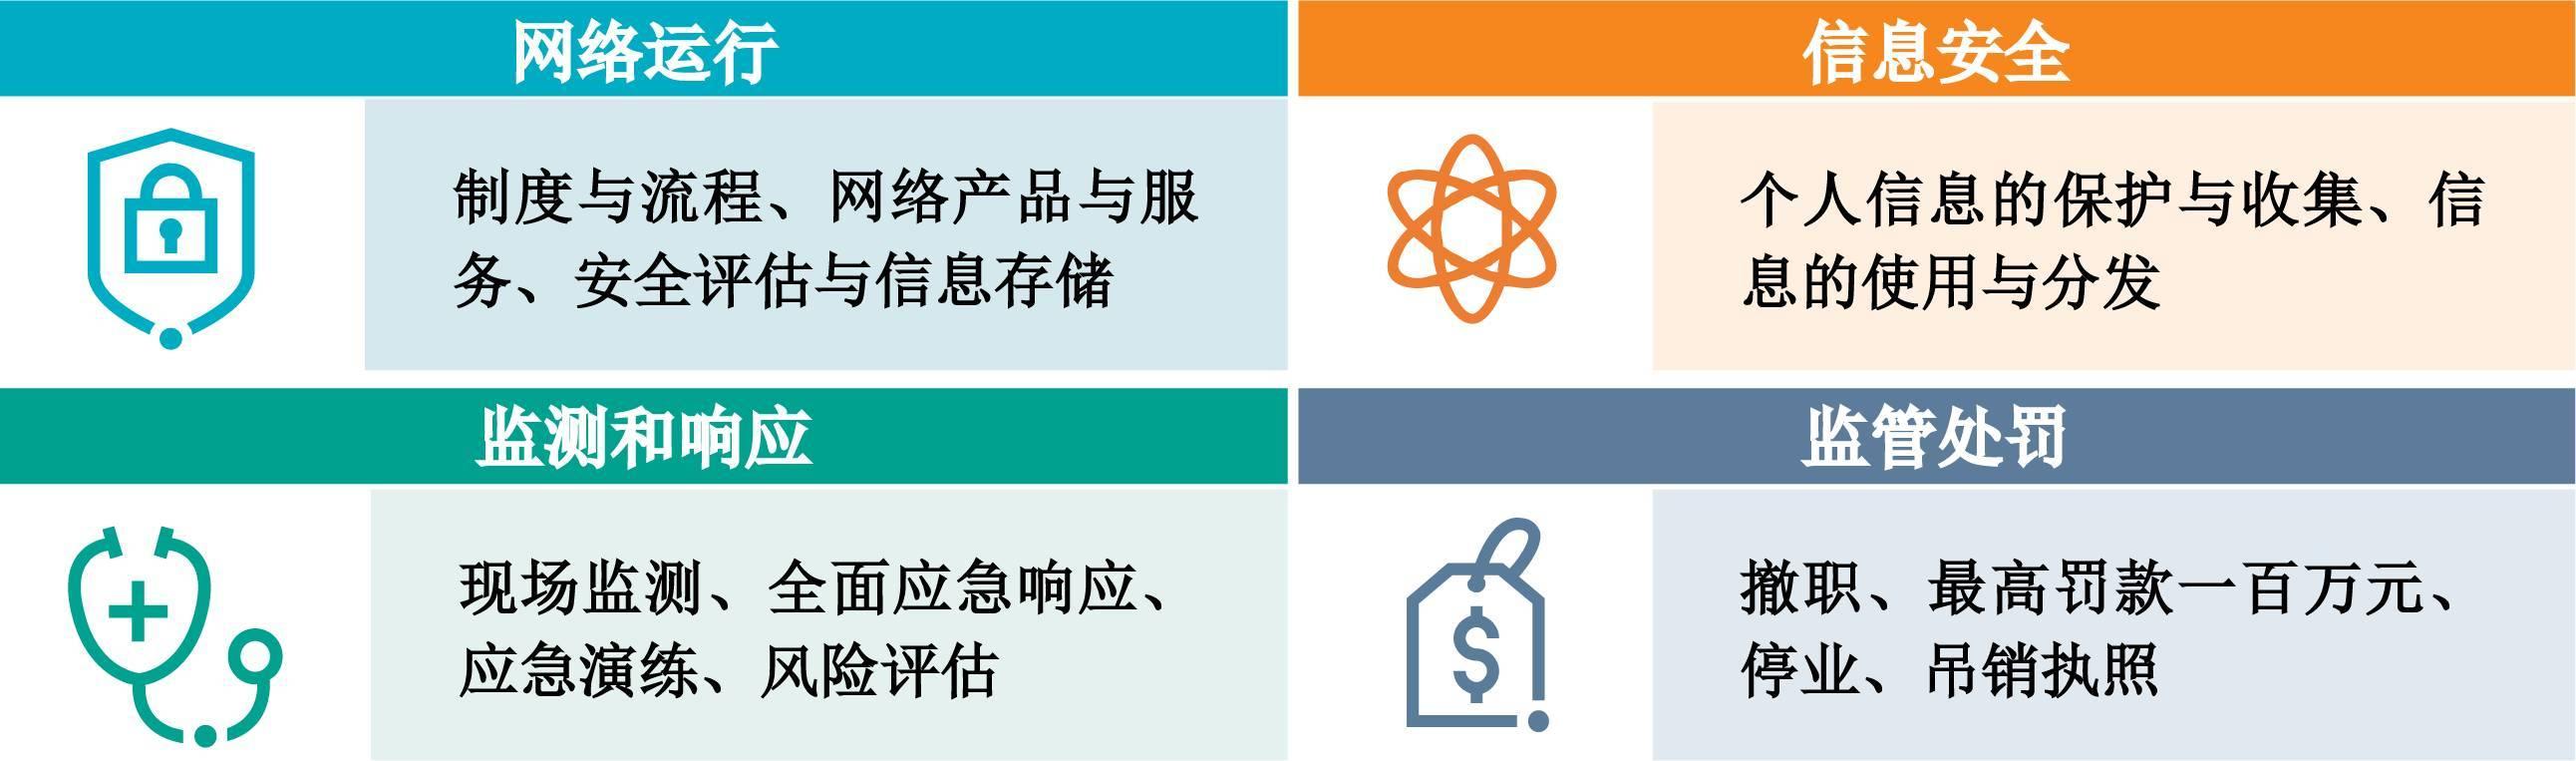 解读《中华人民共和国网络安全法》及其影响